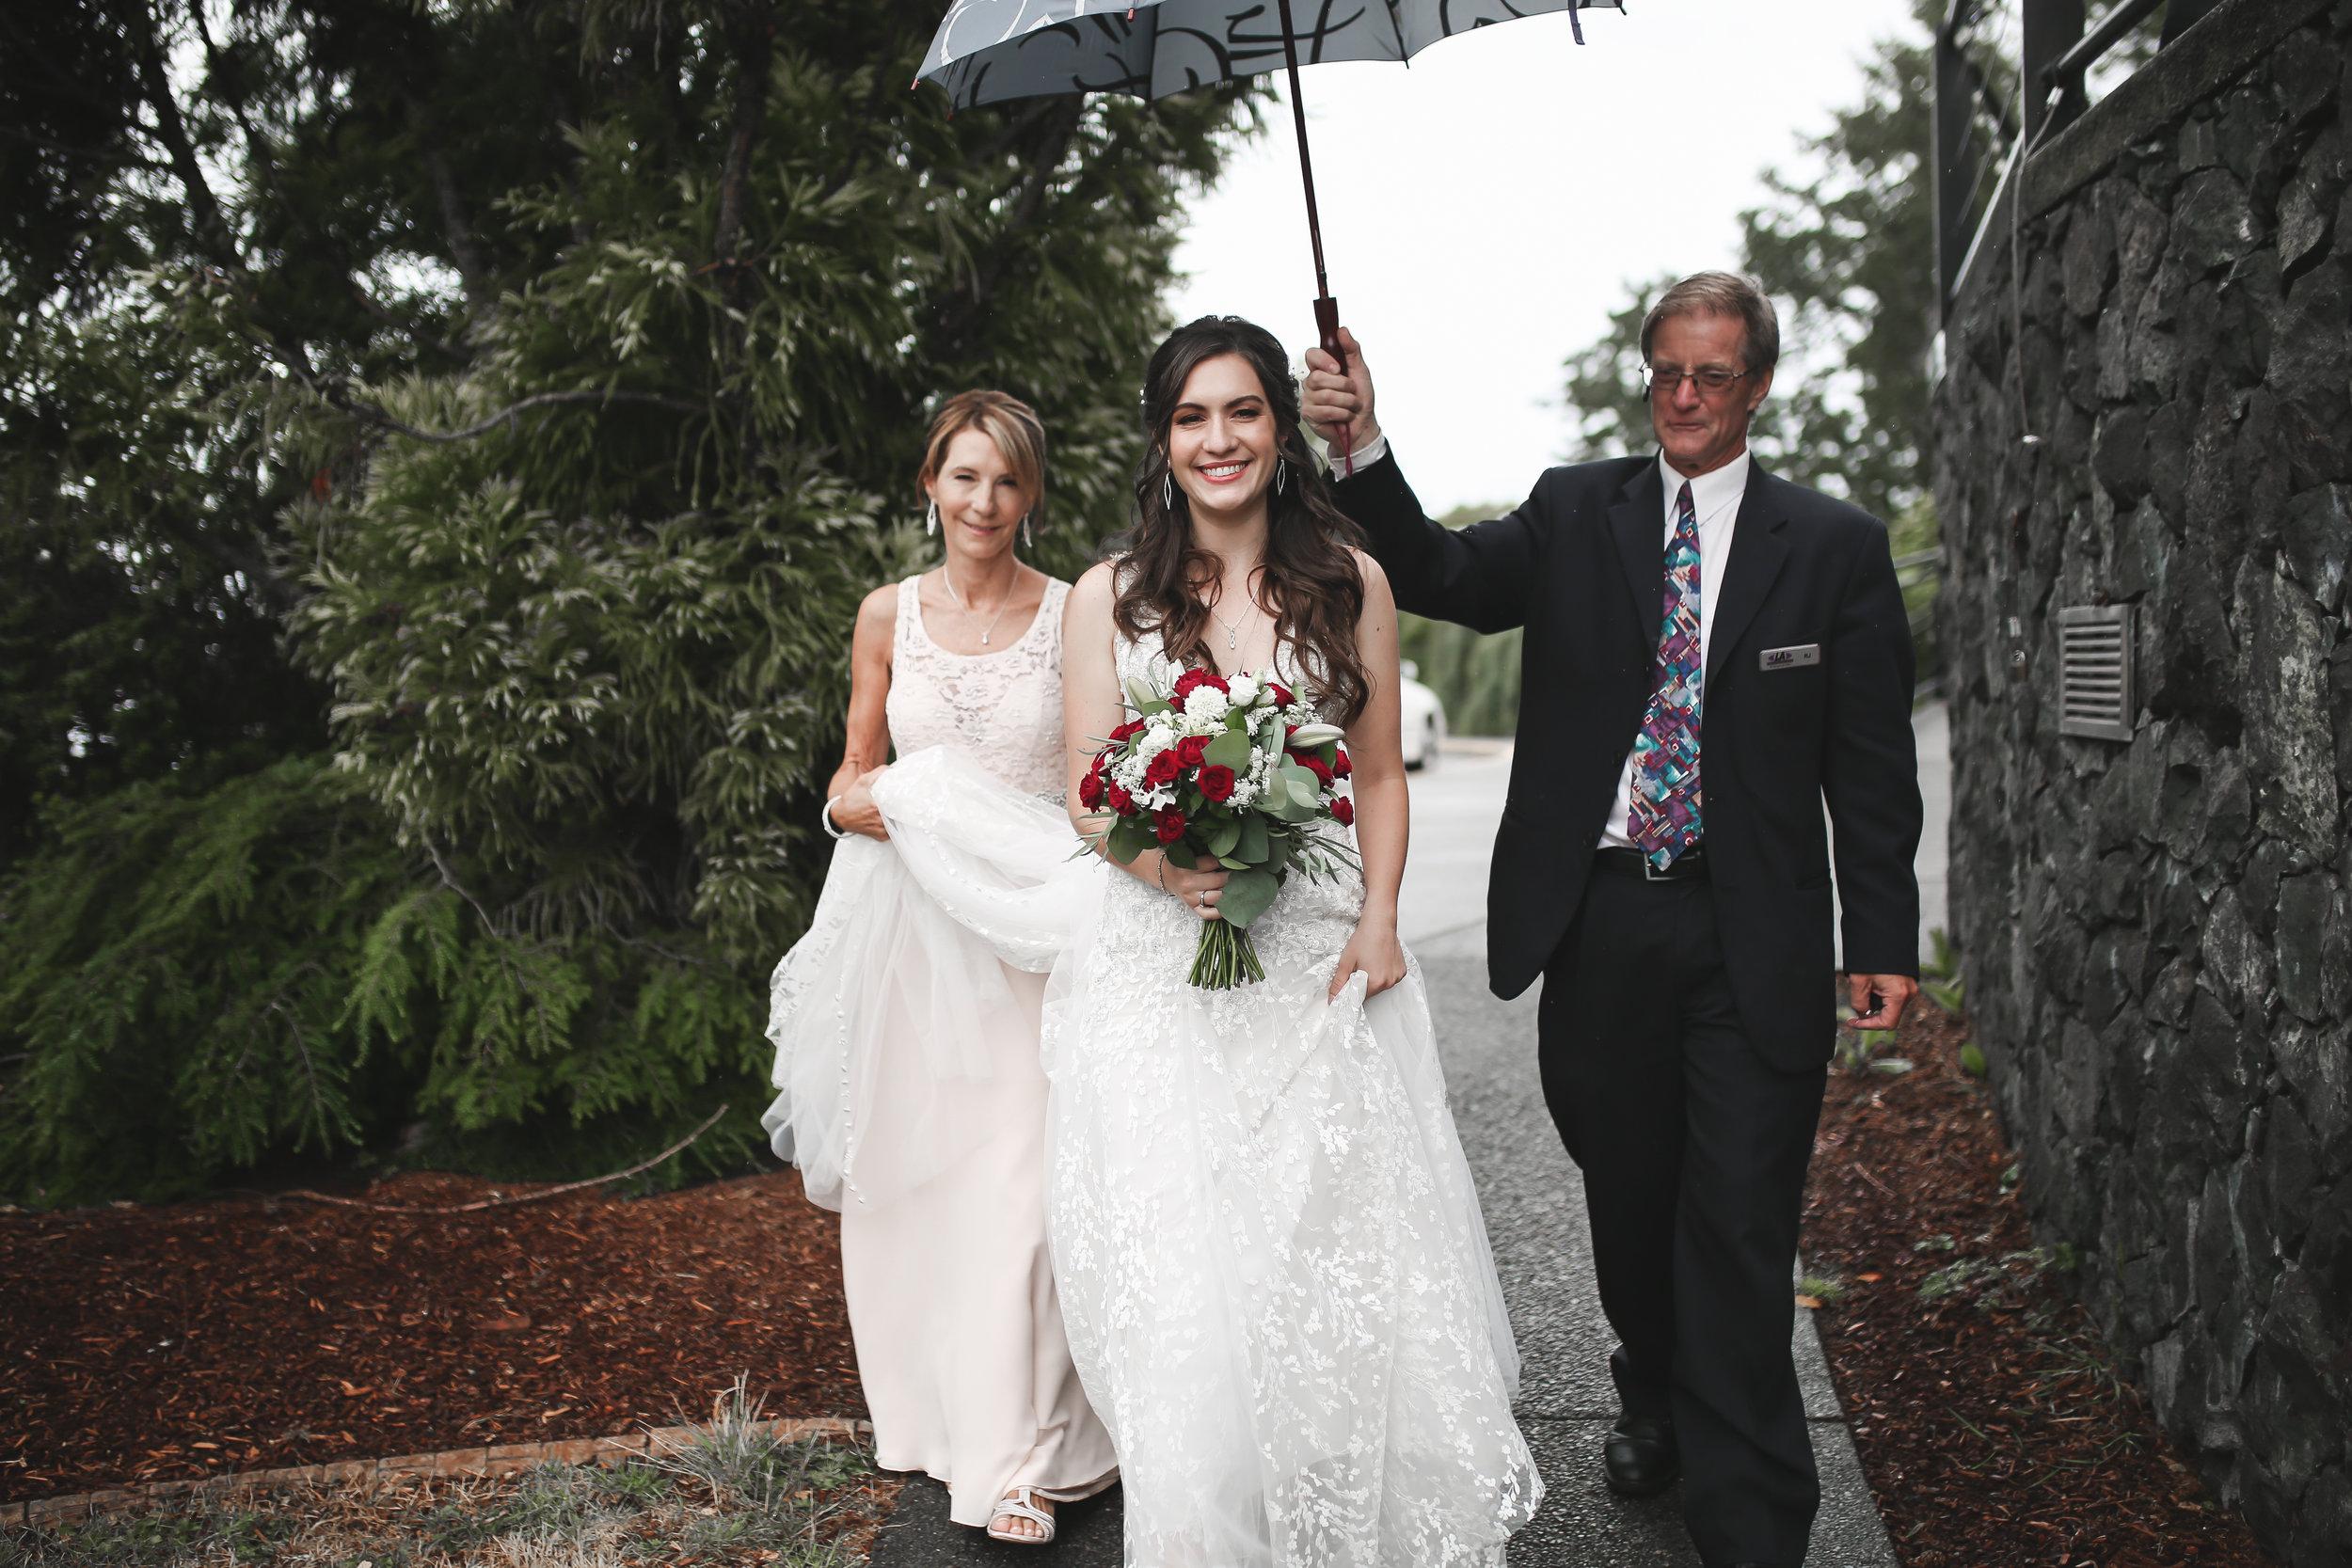 70 Adam Ziorio Photography - Allison & Austin's Wedding.jpg